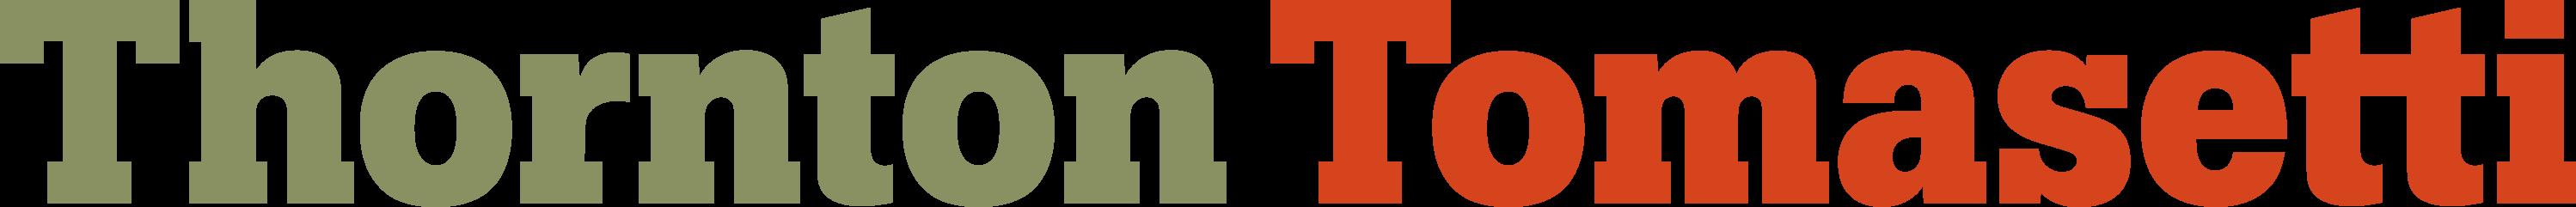 MMI Thornton Tomasetti Logo